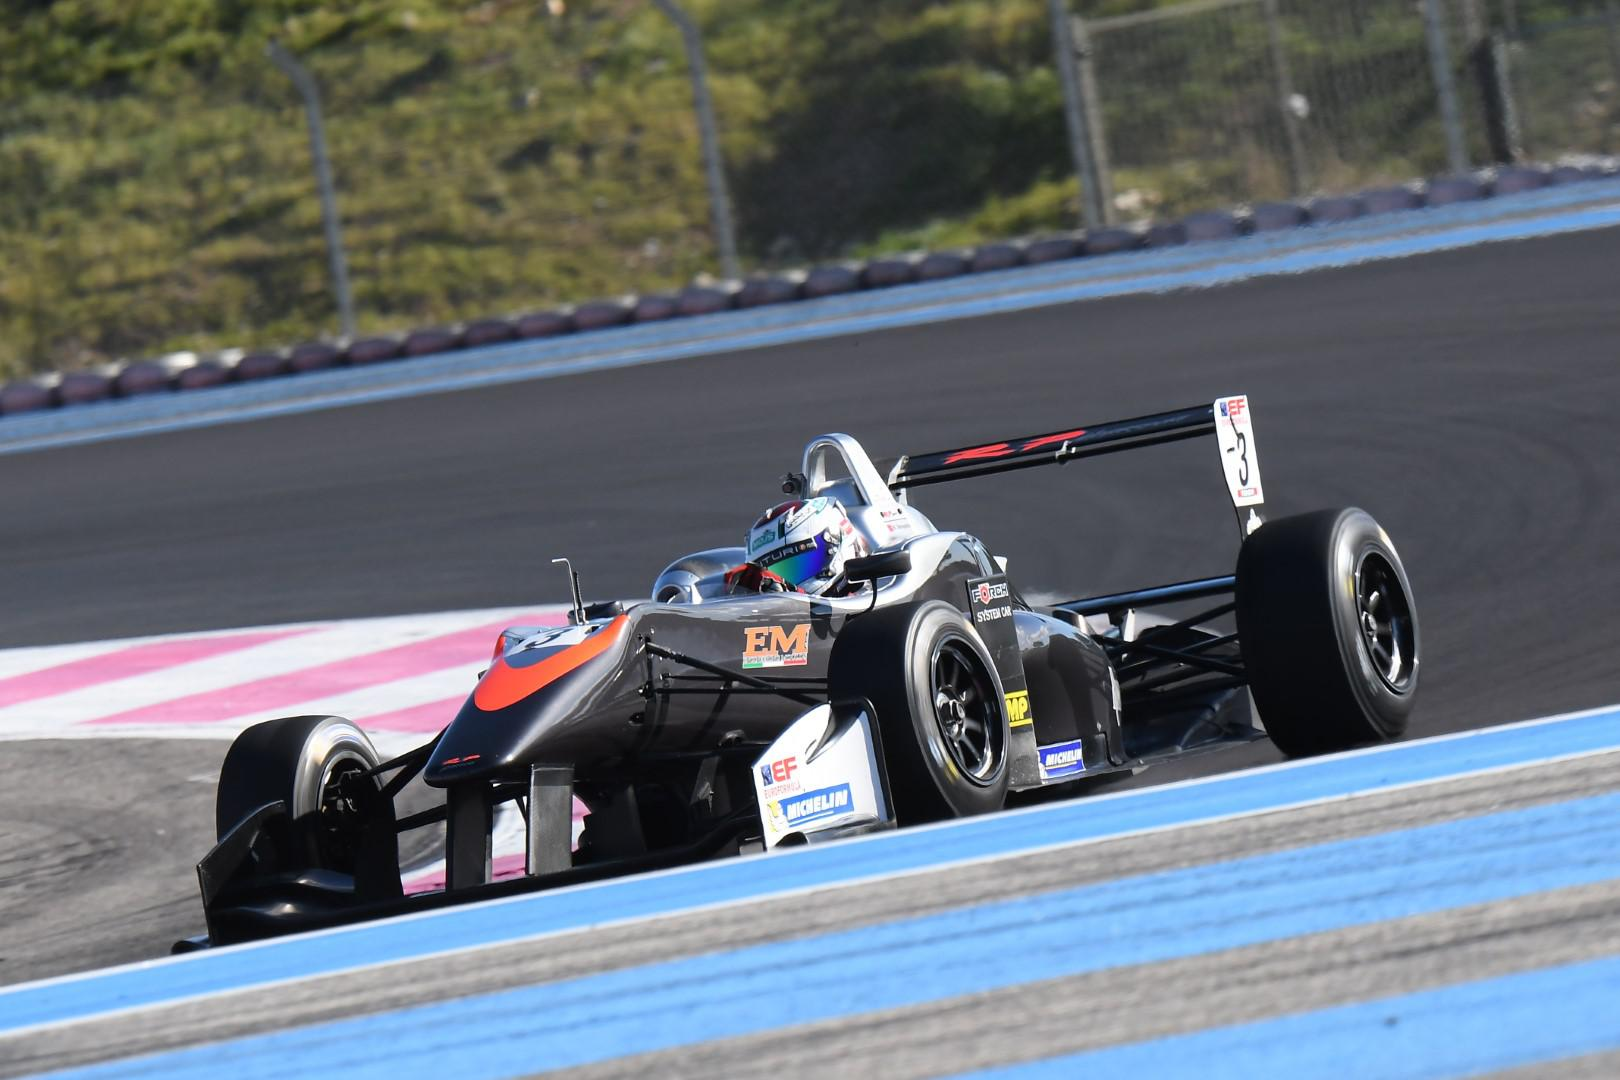 le-marocain-benyahia-debute-en-formule-3-dans-le-top-6-673-1.jpg